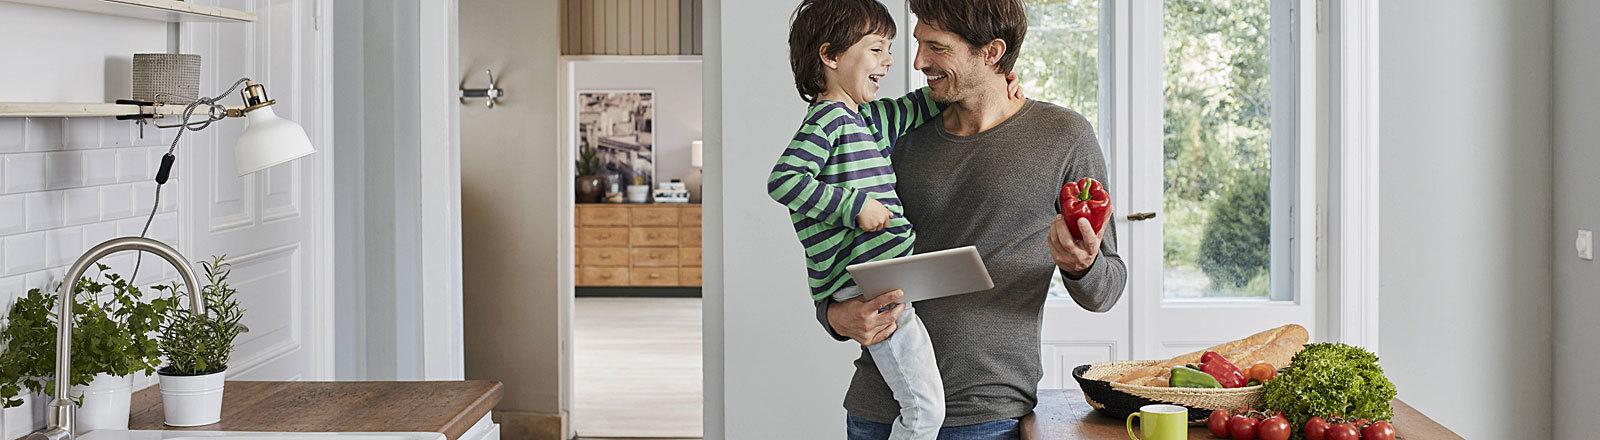 Mann mit Sohn auf dem Arm und Paprika in der Hand in moderner Küche